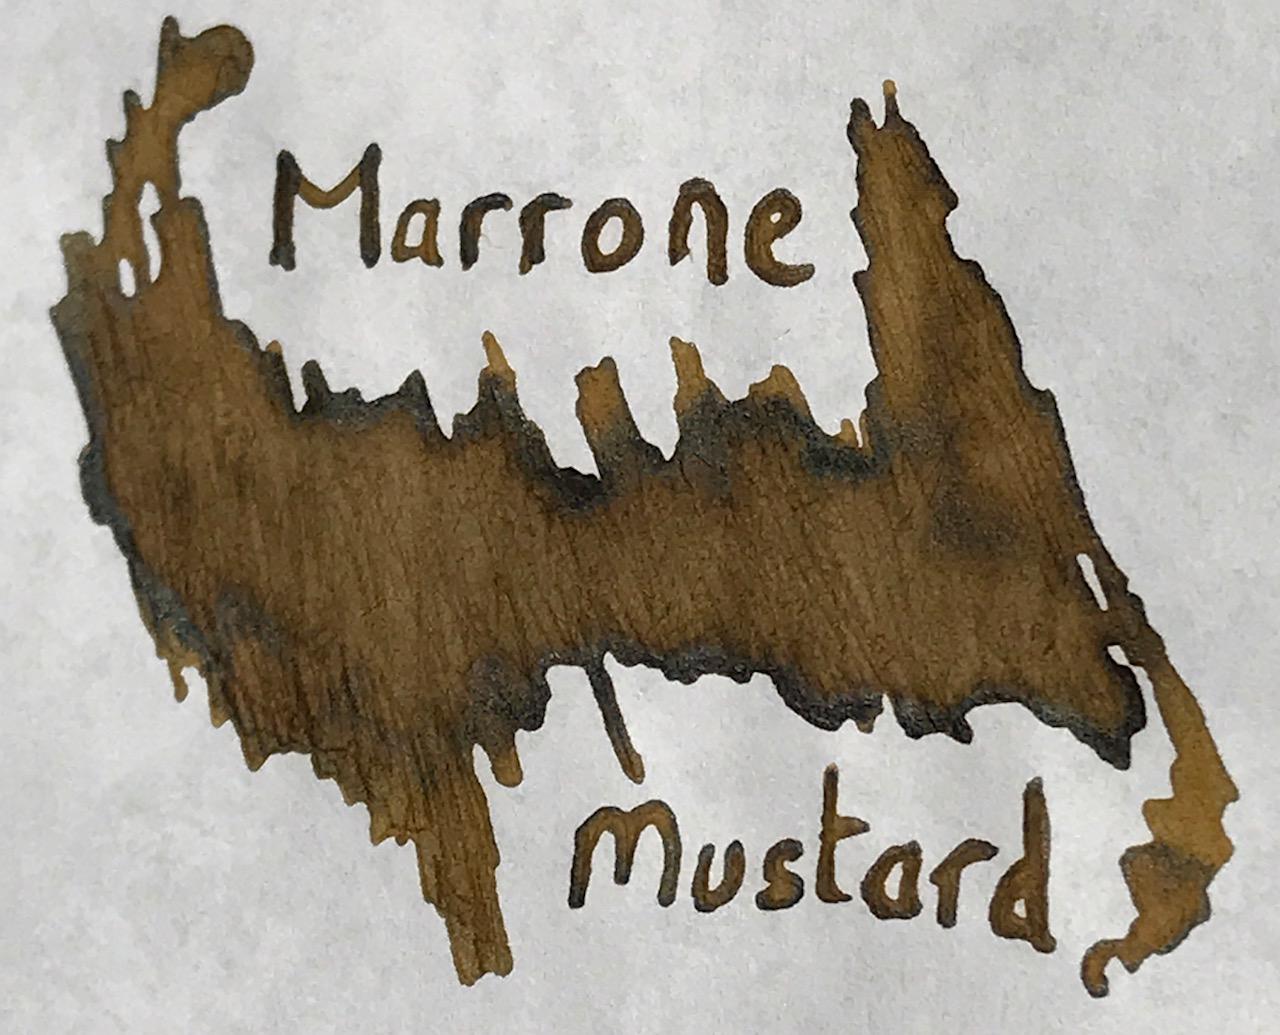 fpn_1502797220__robert_oster_-_marrone_m